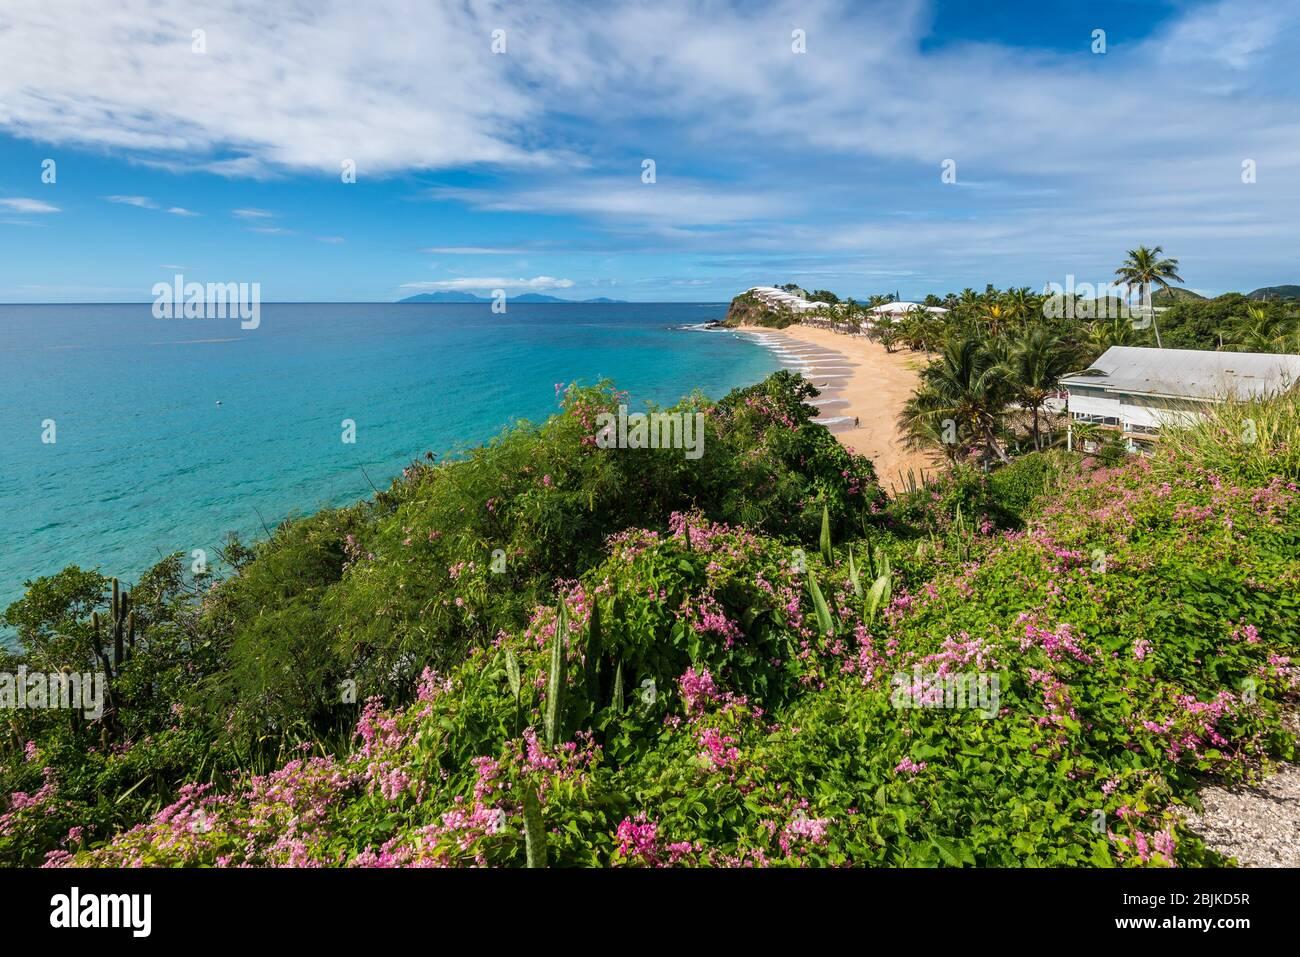 Grace Bay and Beach, St. Mary, Antigua, Leeward Islands, Antilles, Caraïbes, Amérique centrale. Banque D'Images